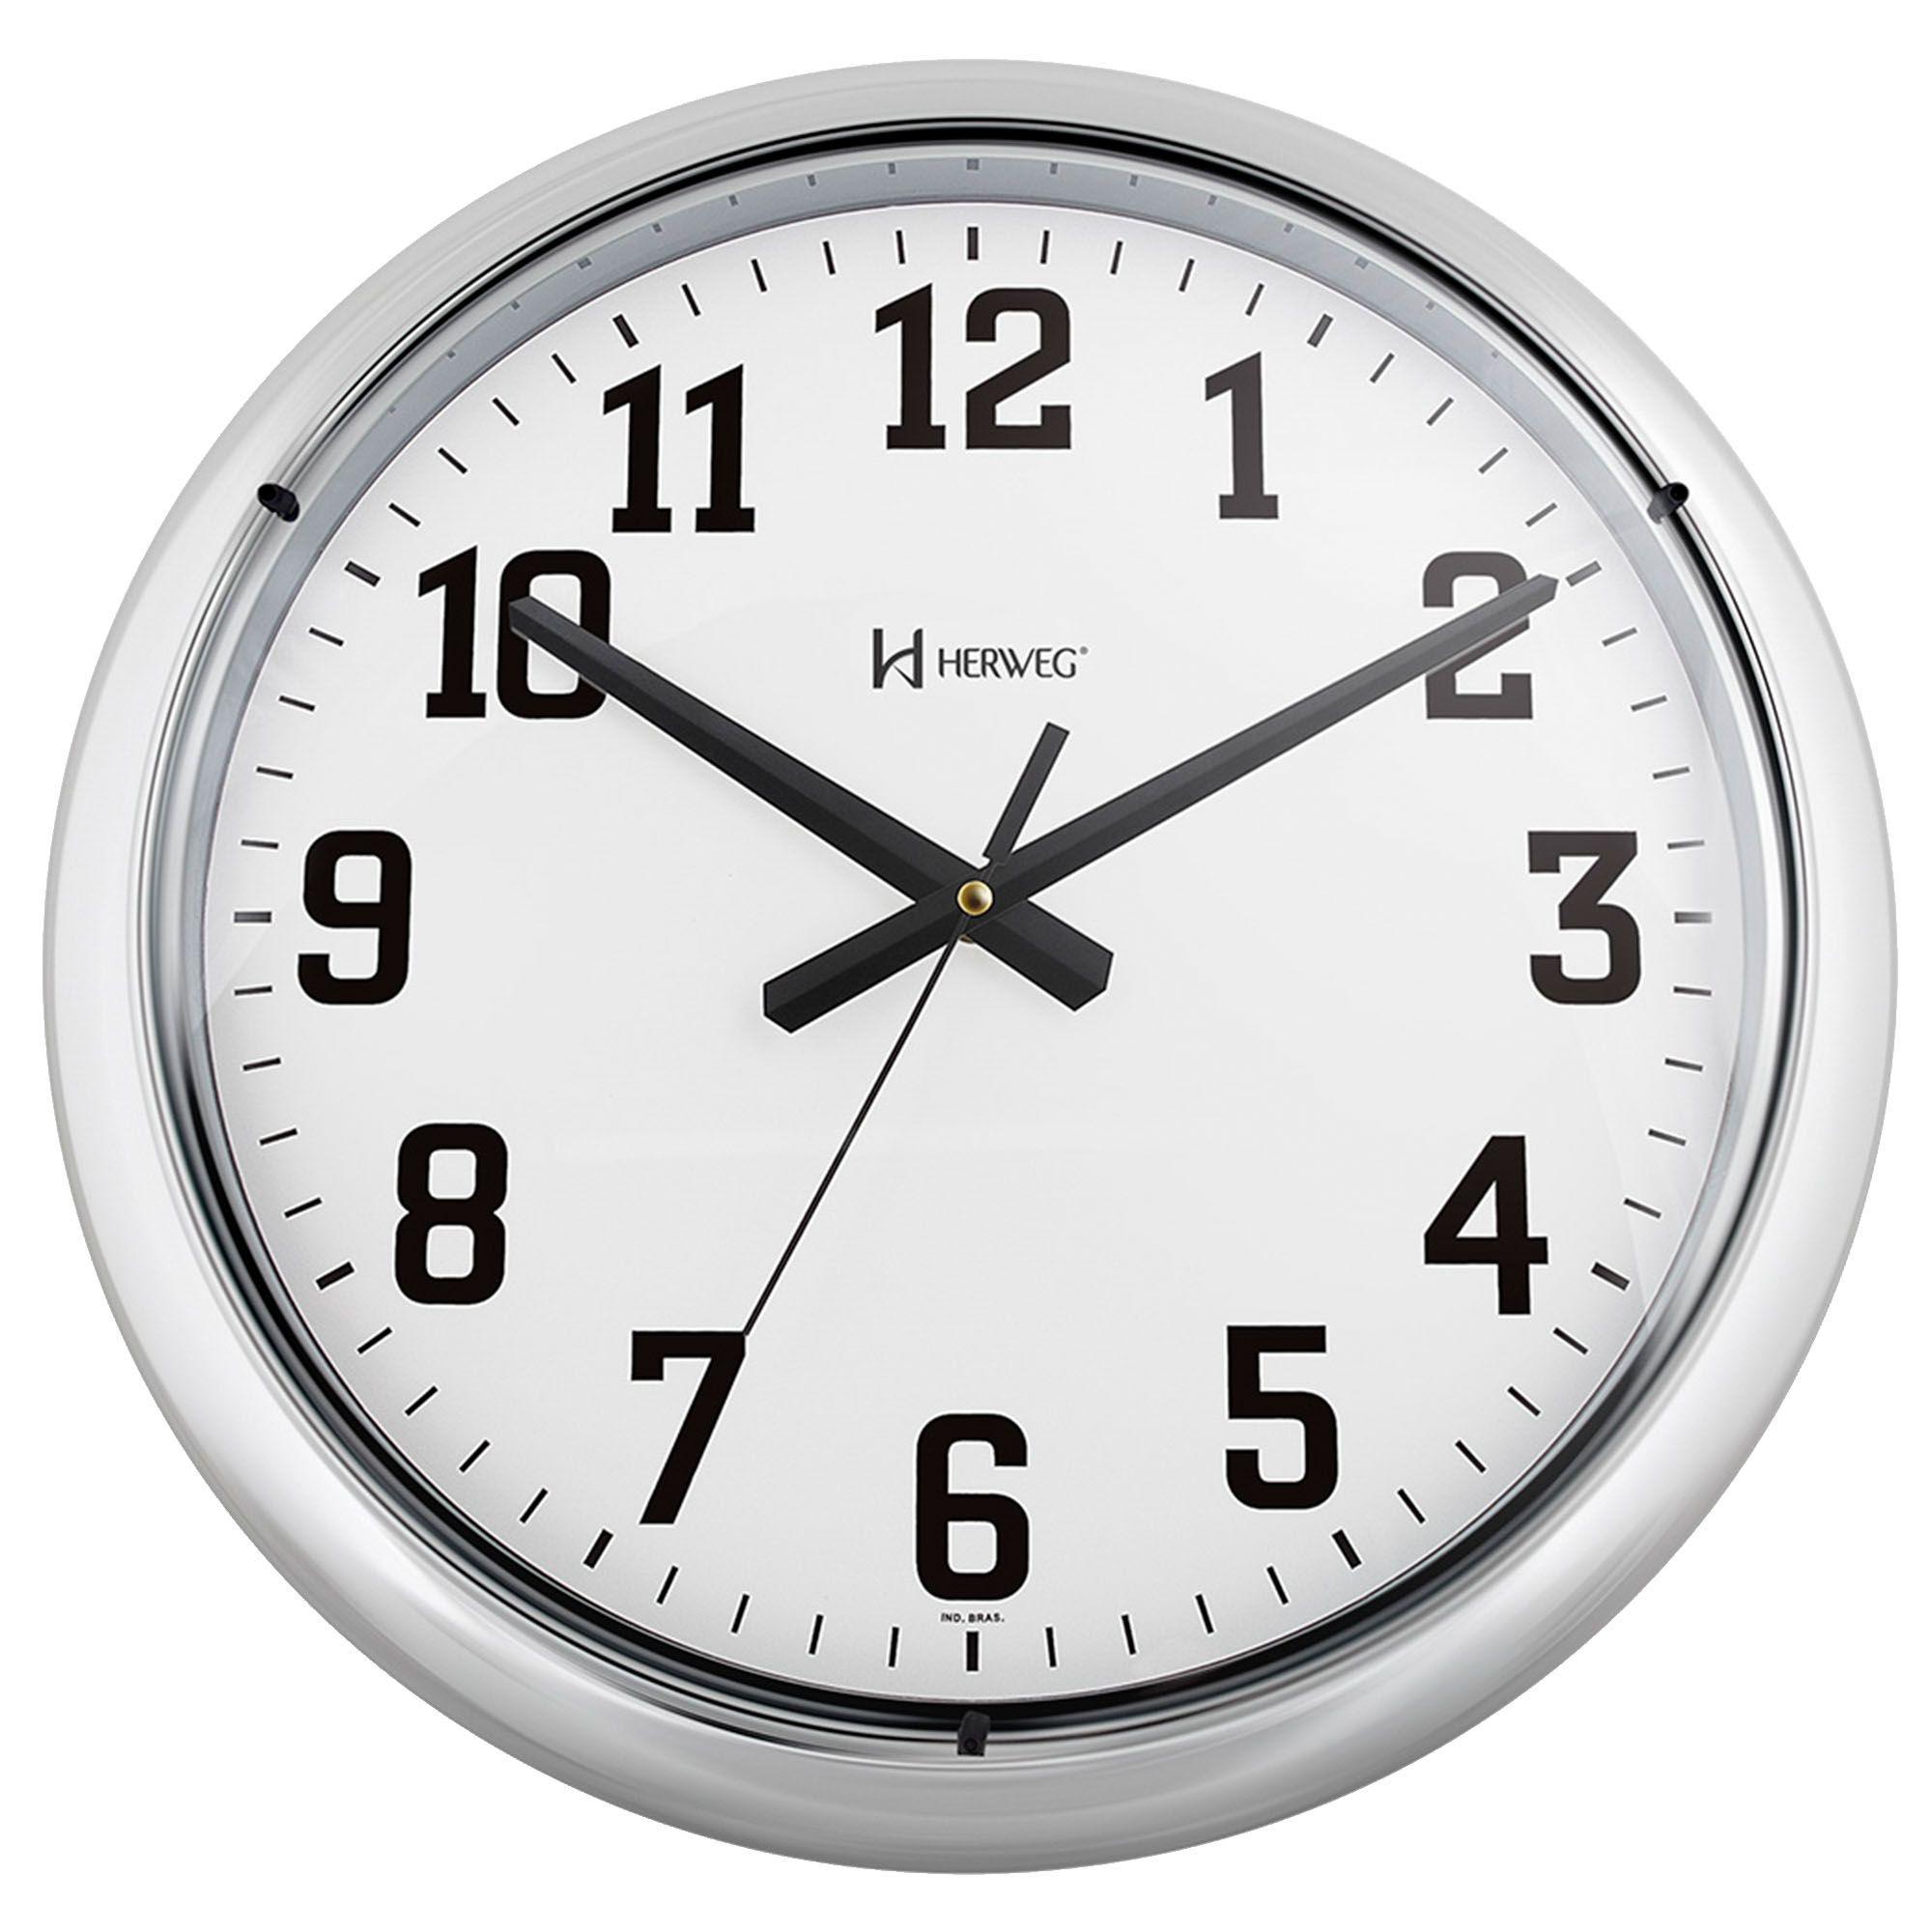 Relógio de Parede Analógico Herweg 6128 028 Cromado